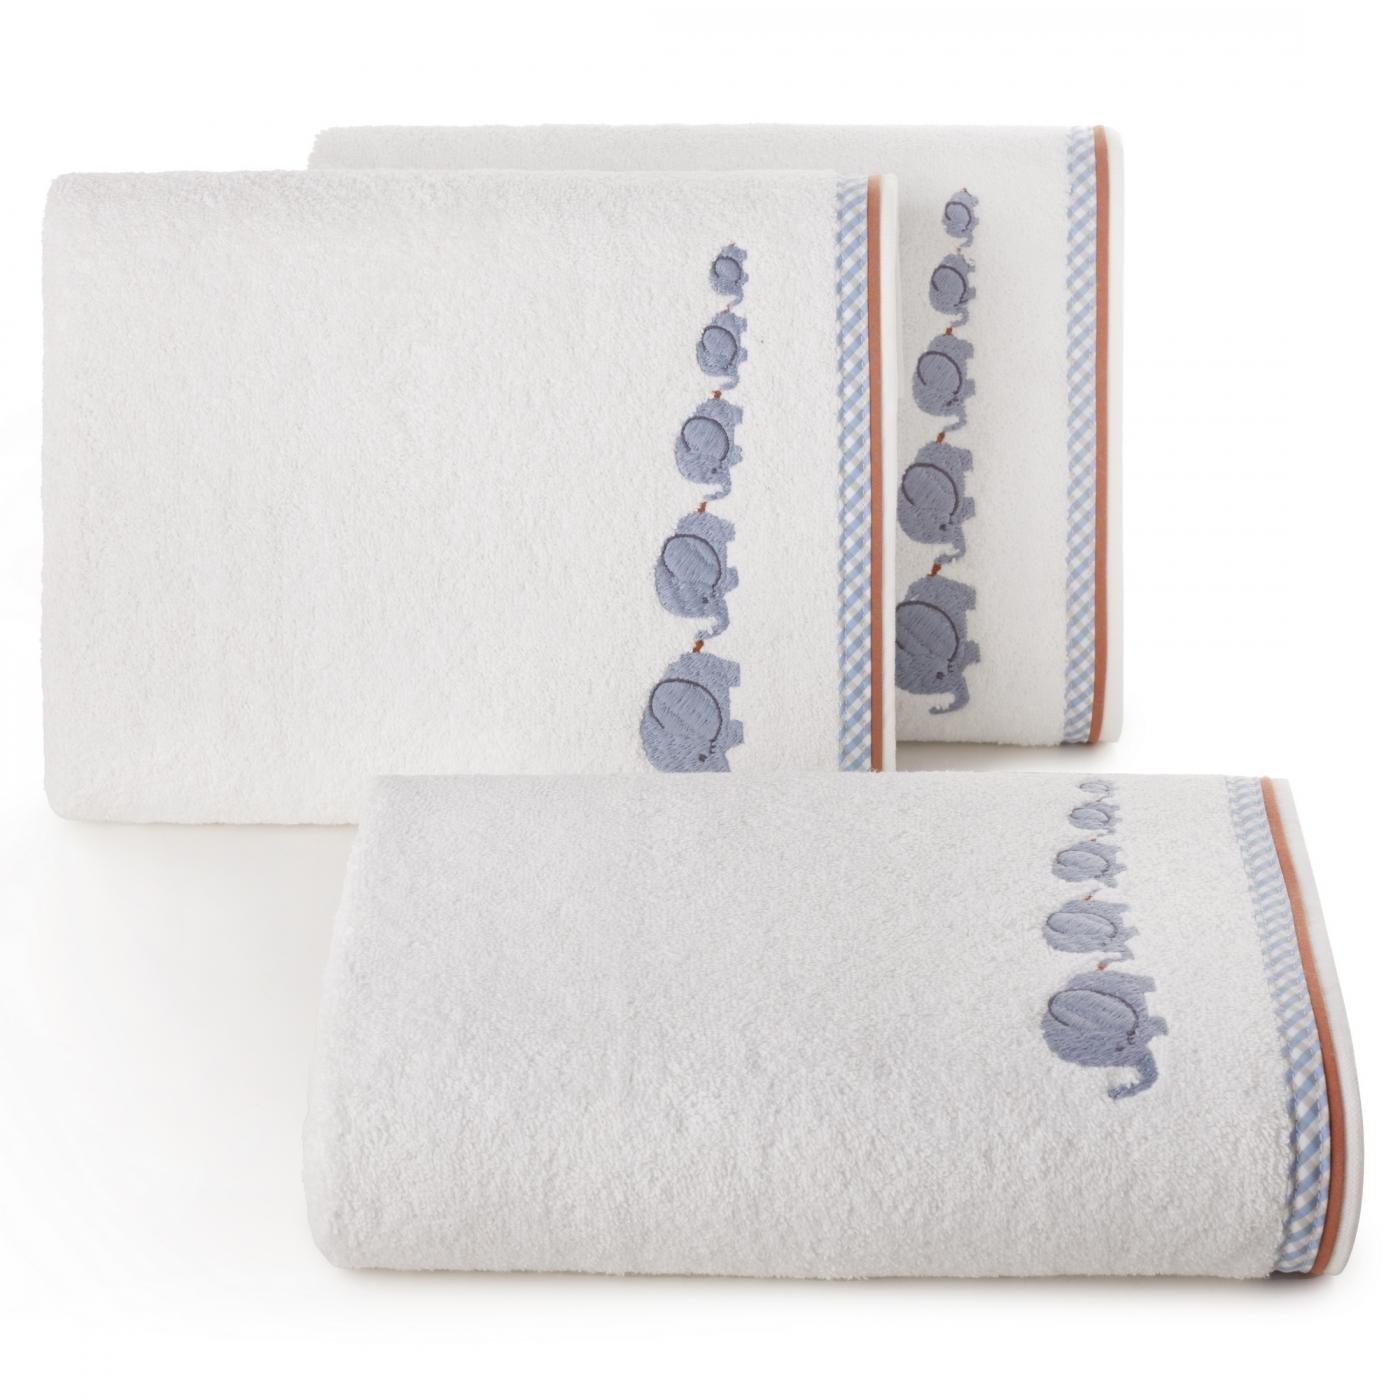 Dziecięcy ręcznik kąpielowy słoniki niebieski 50x90 cm